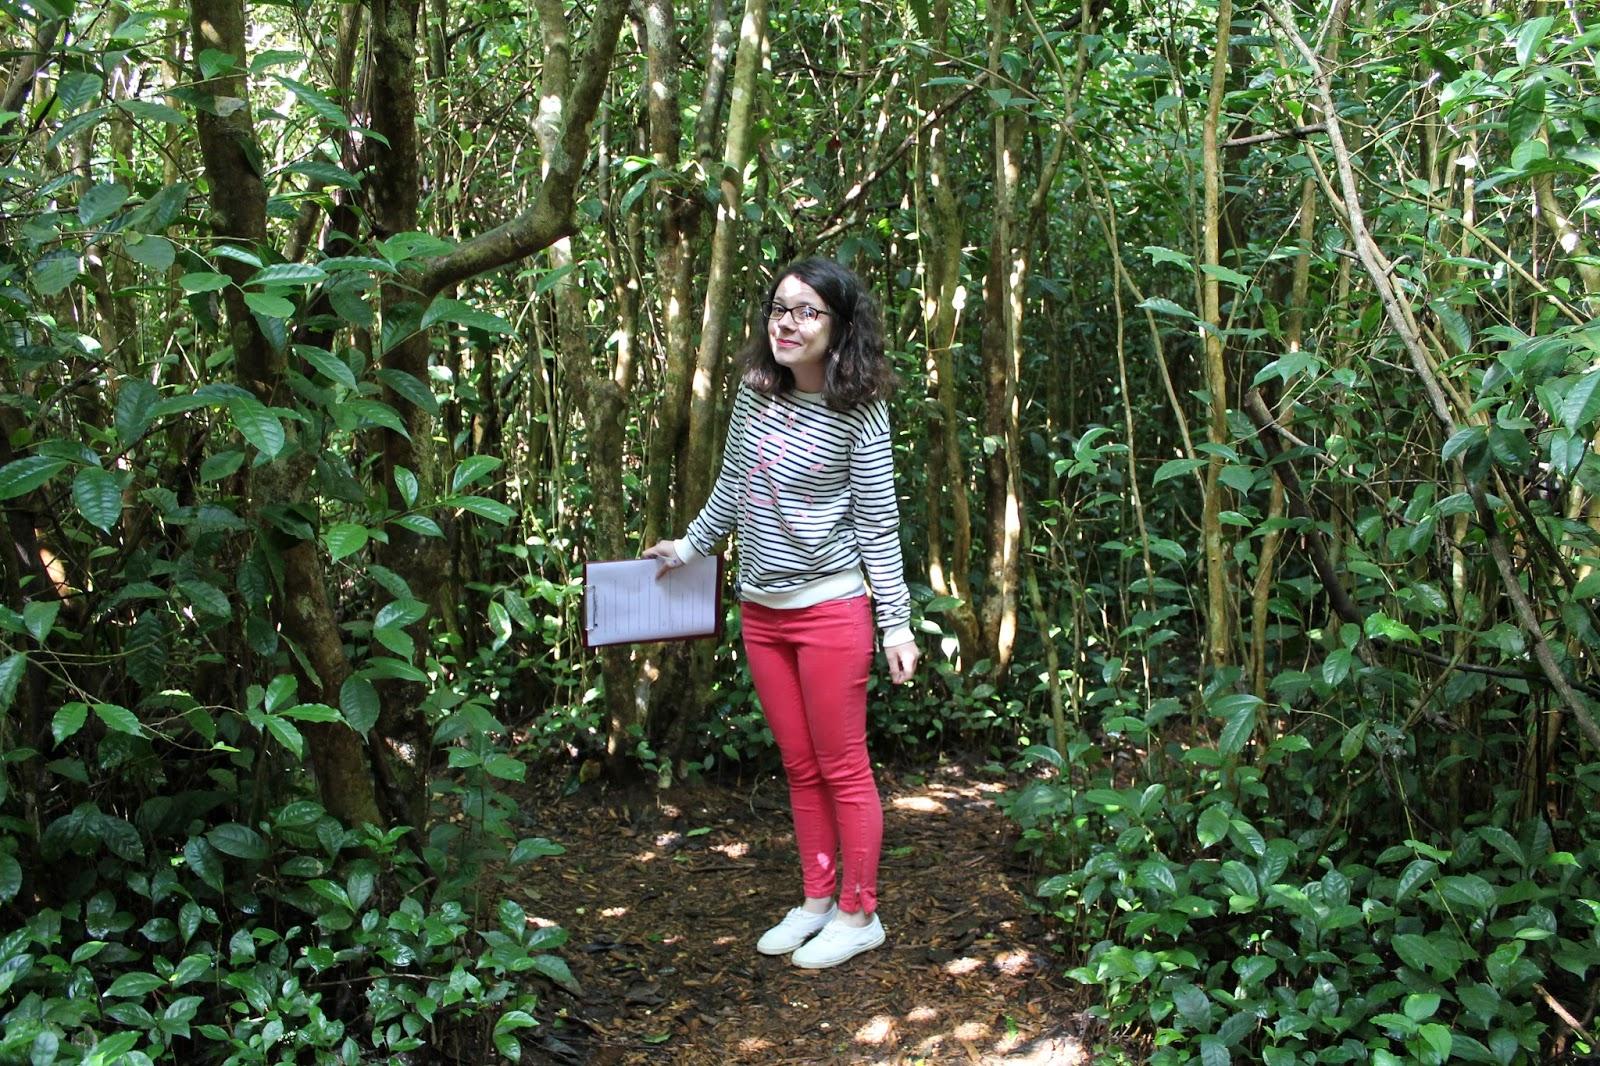 réunion île gotoreunion labyrinthe en champ thé tea grand coude visite à faire jumbocar irt tourisme 974 kiabi camaieu haul soldes